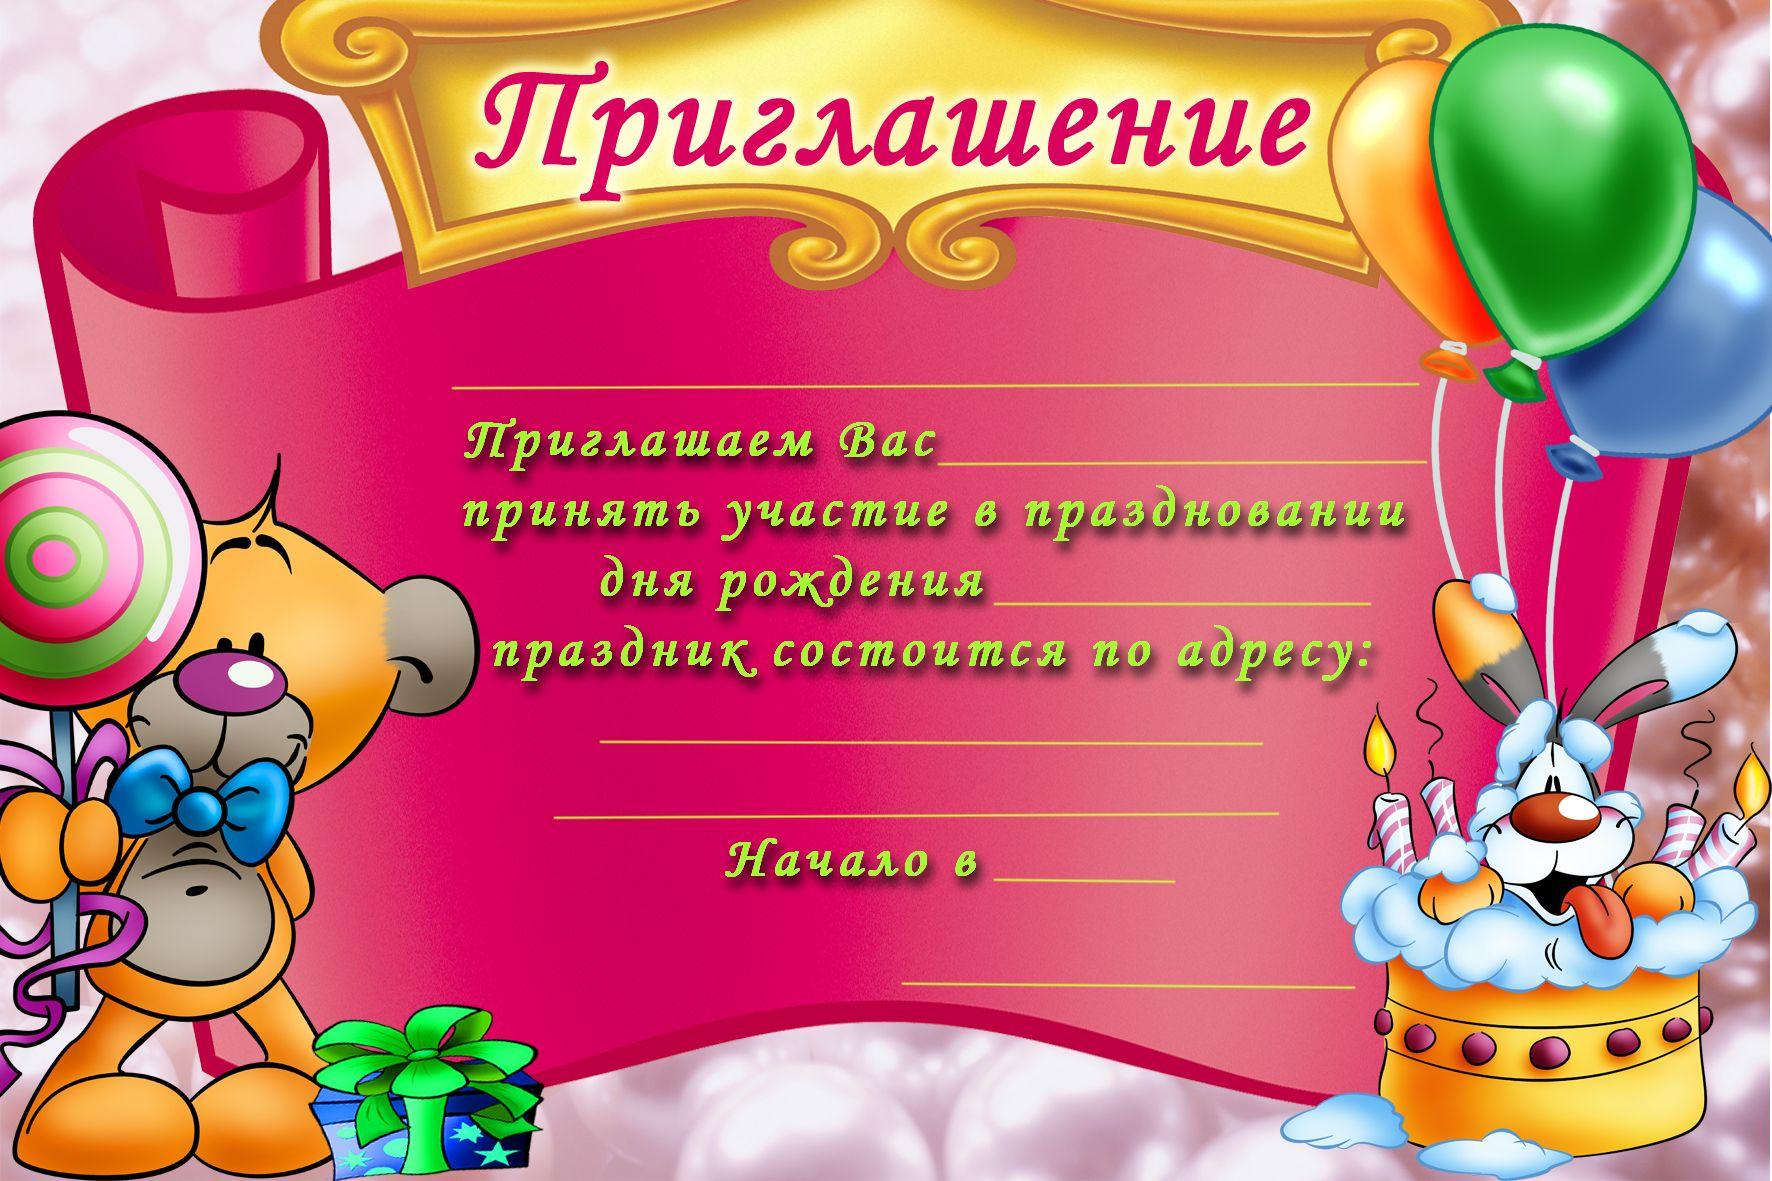 Самой милой, открытки для приглашения на день рождение